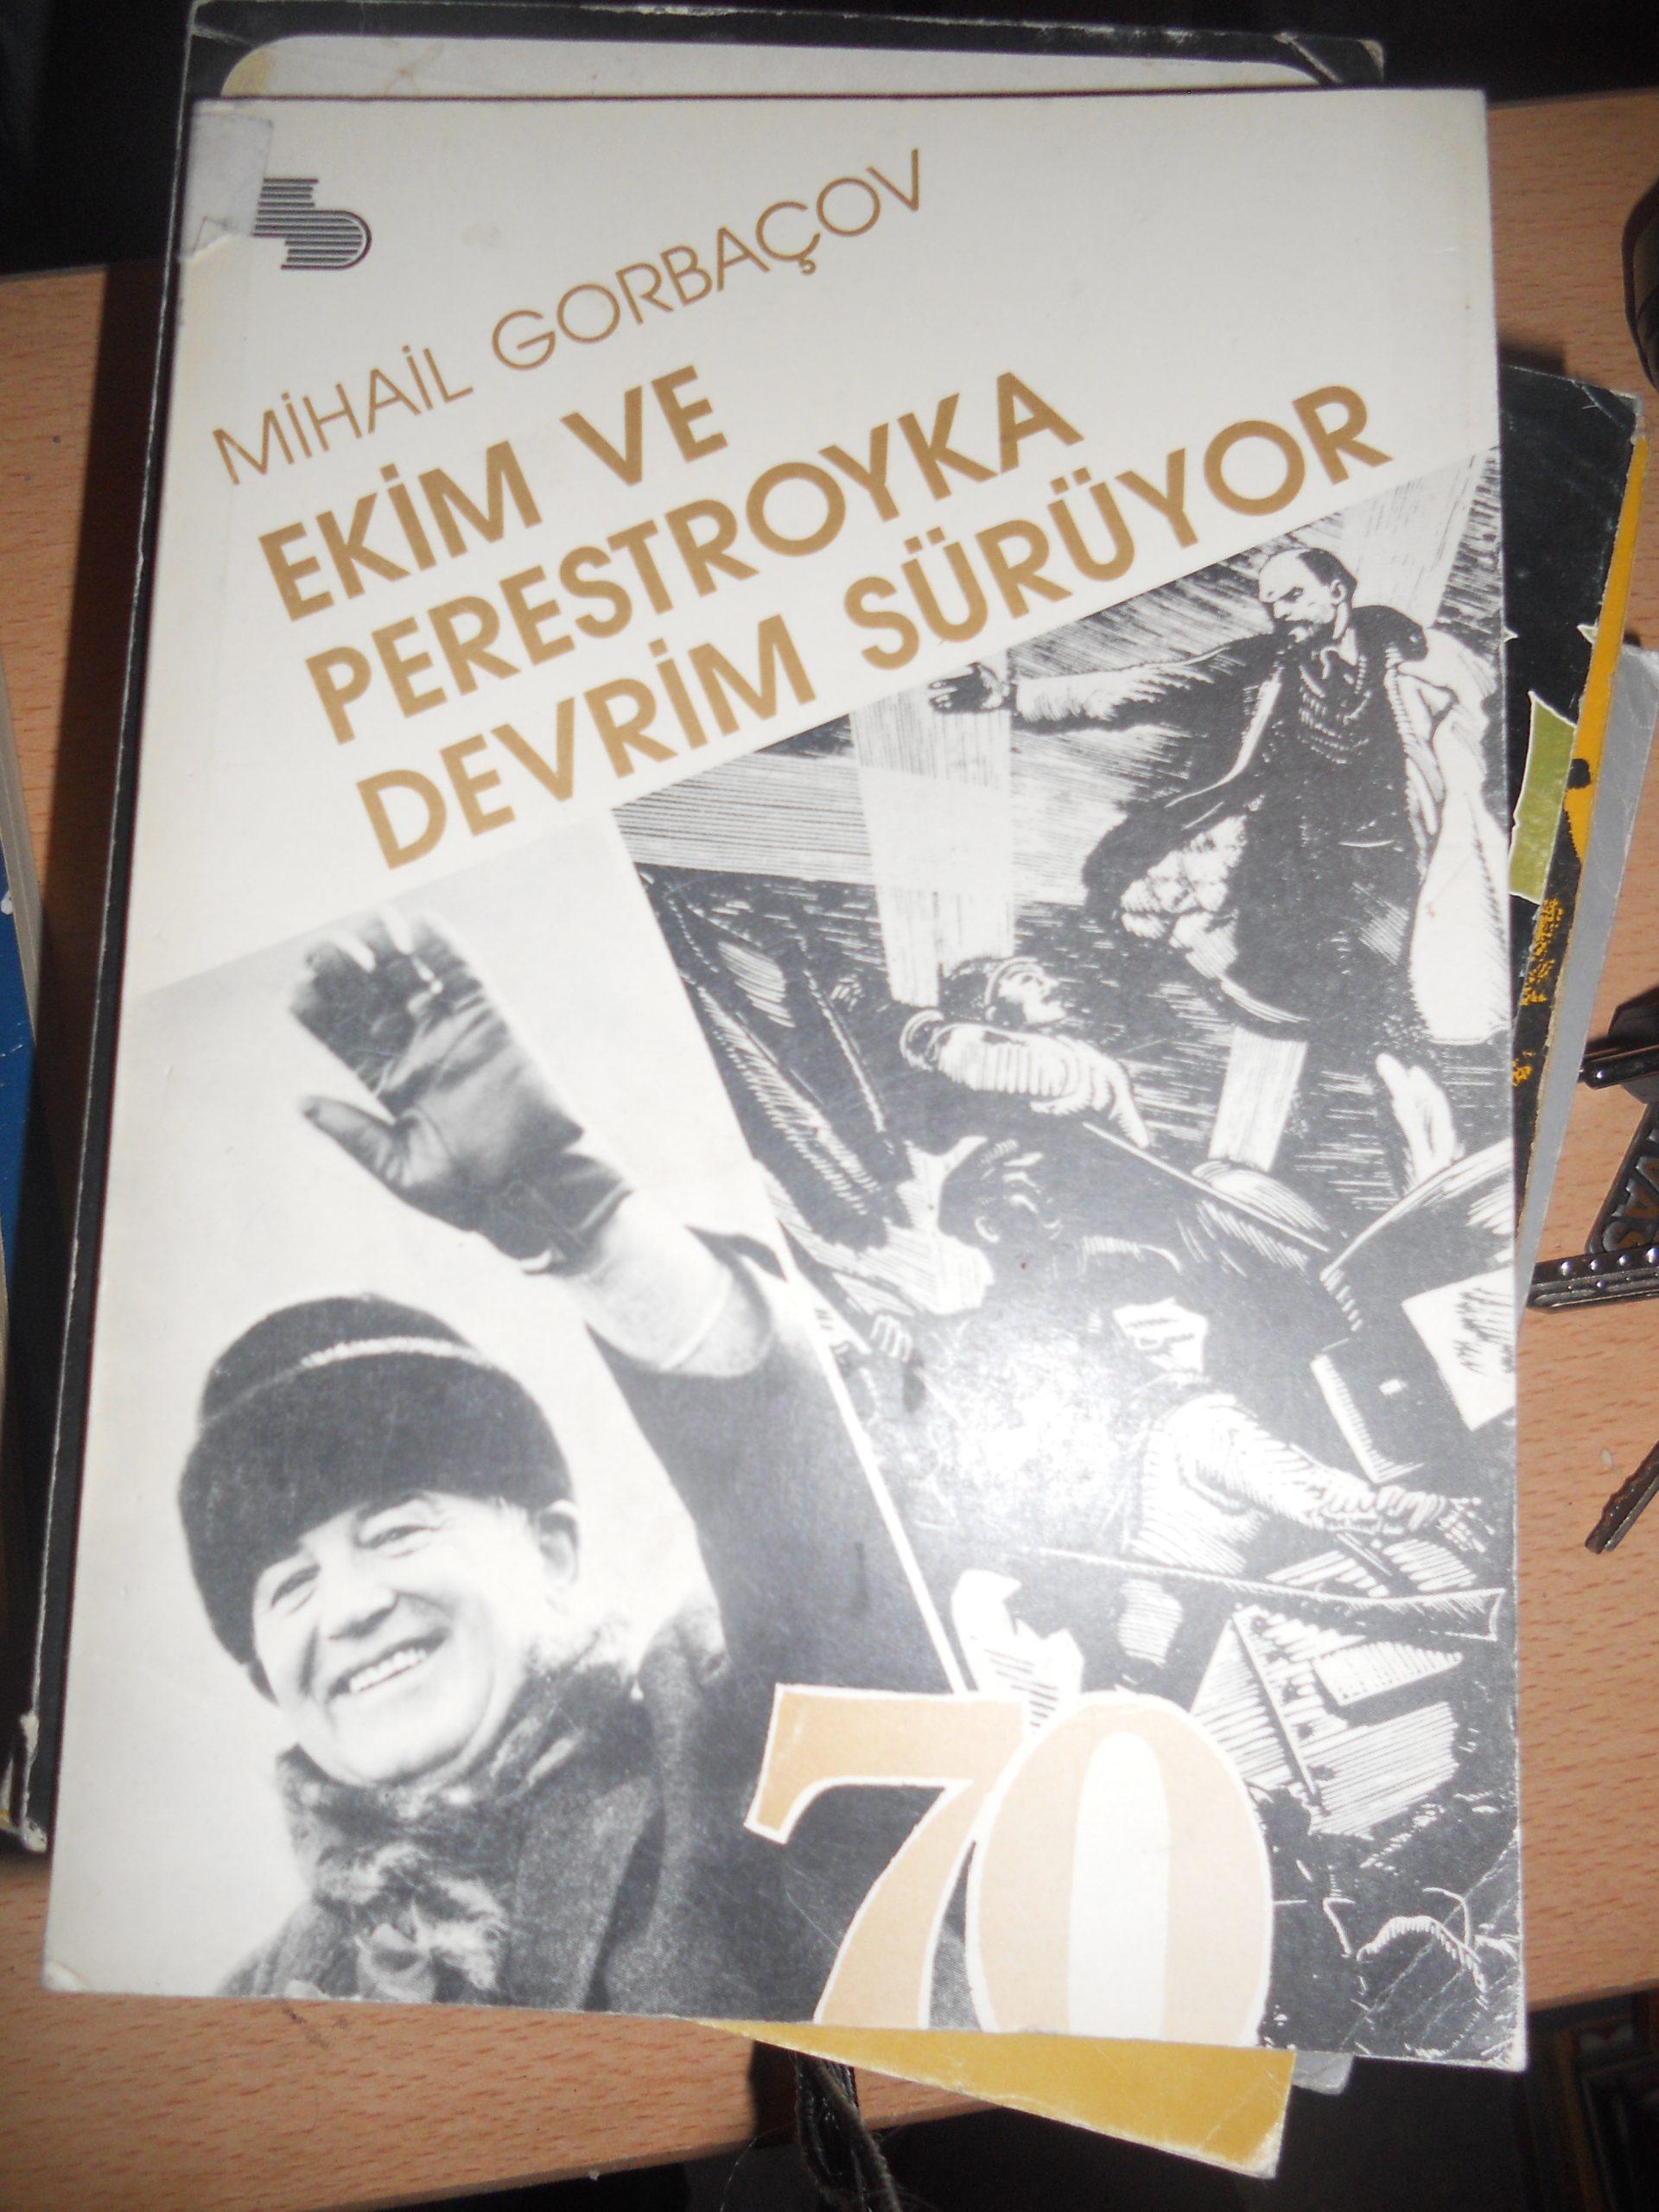 EKİM VE PERESTROYKA DEVRİM SÜRÜYOR/Mihail GORBAÇOV/15 TL